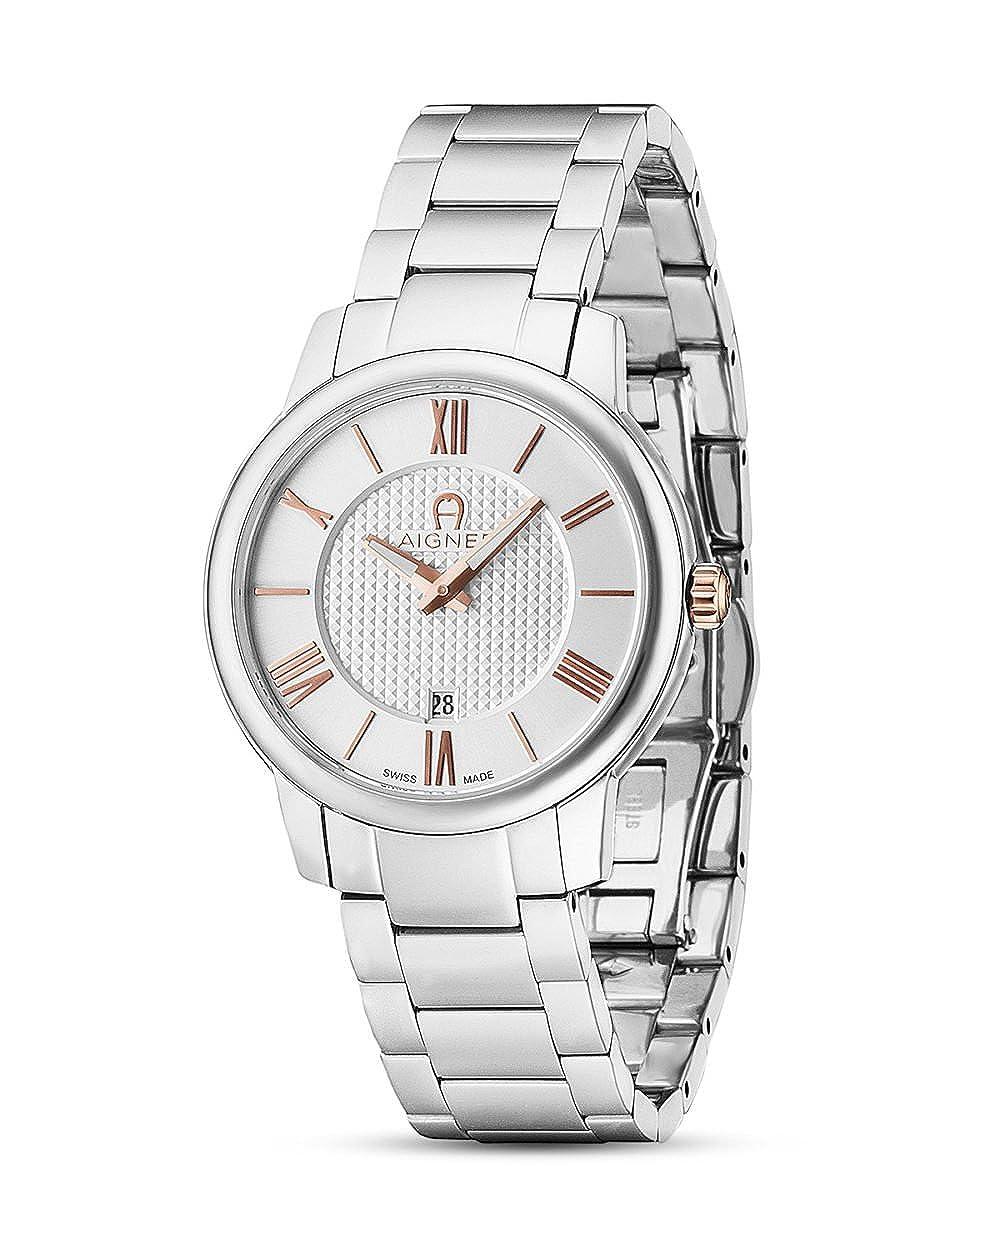 neueste kaufen Beförderung Offizieller Lieferant AIGNER Schweizer Uhr Padua A24154: Amazon.de: Uhren